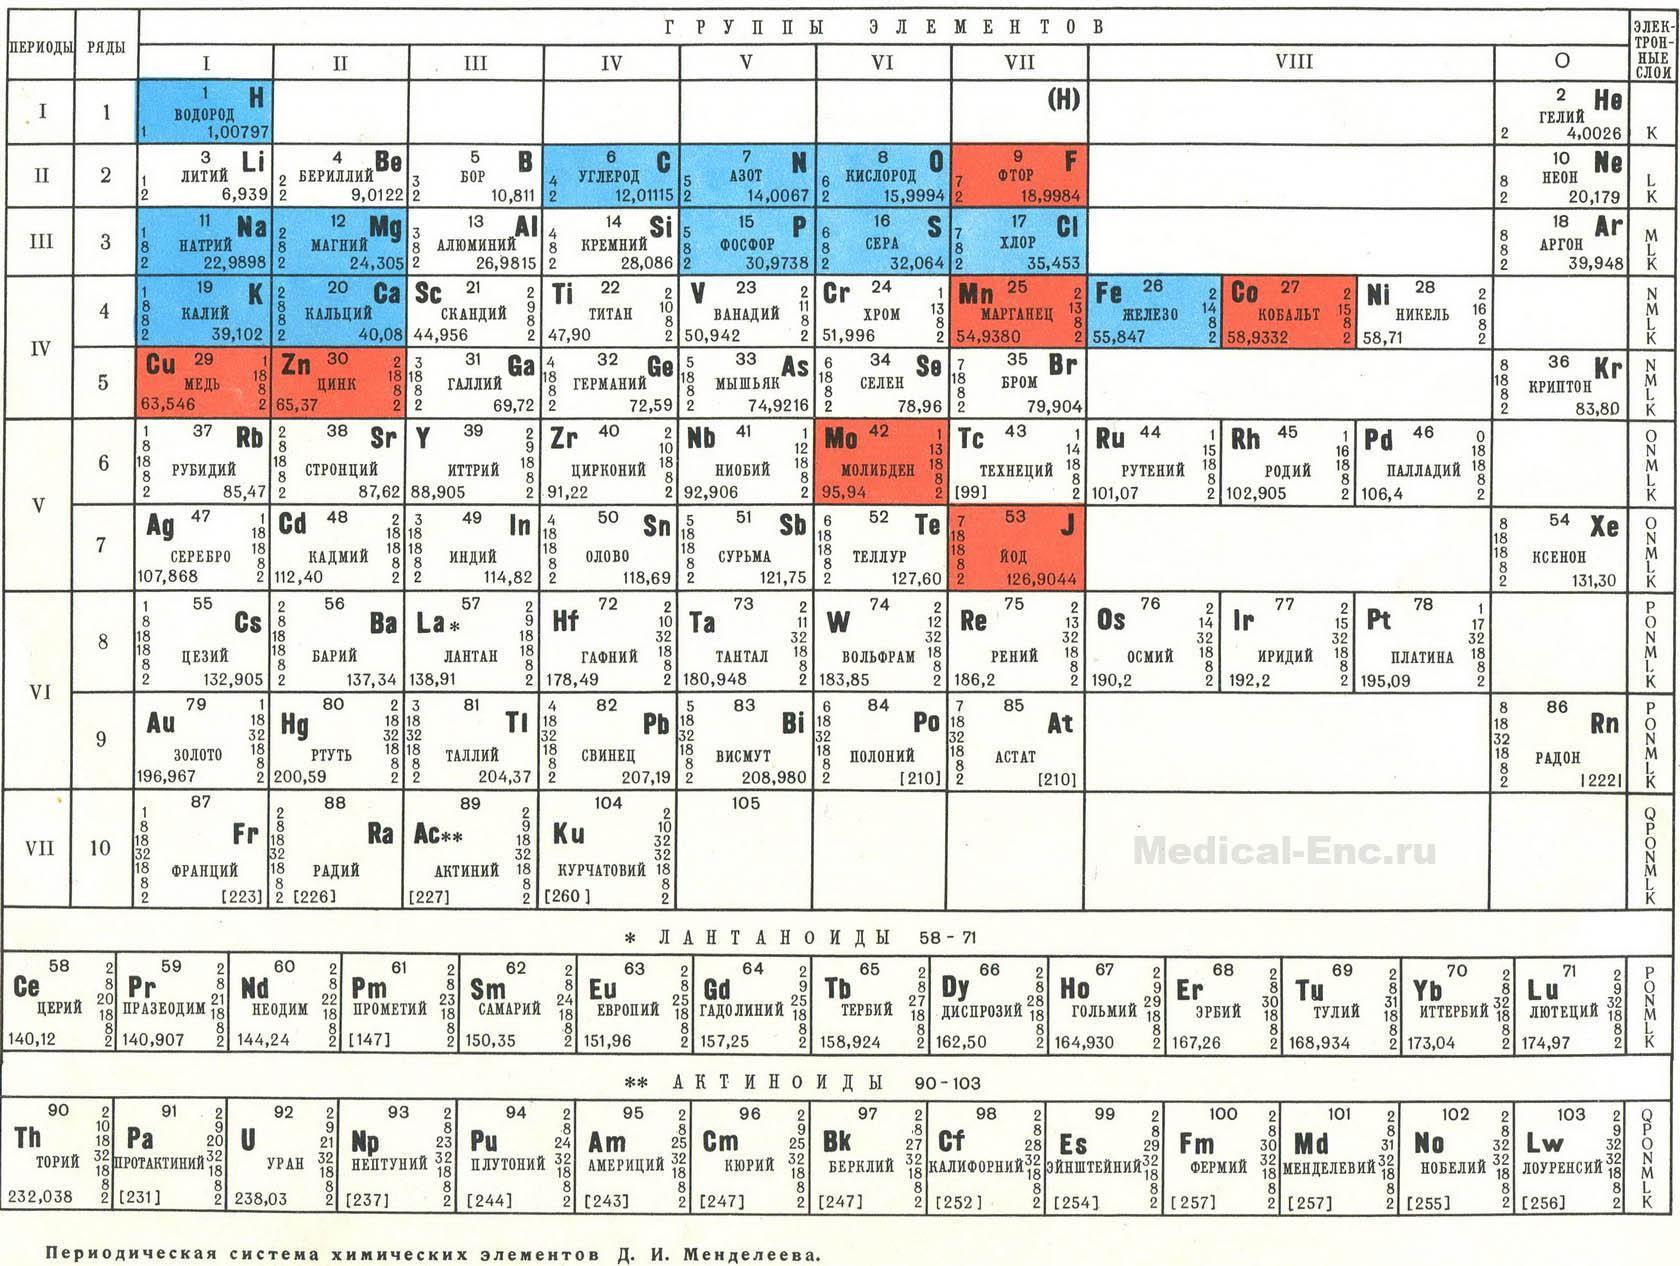 химический элемент ф р и